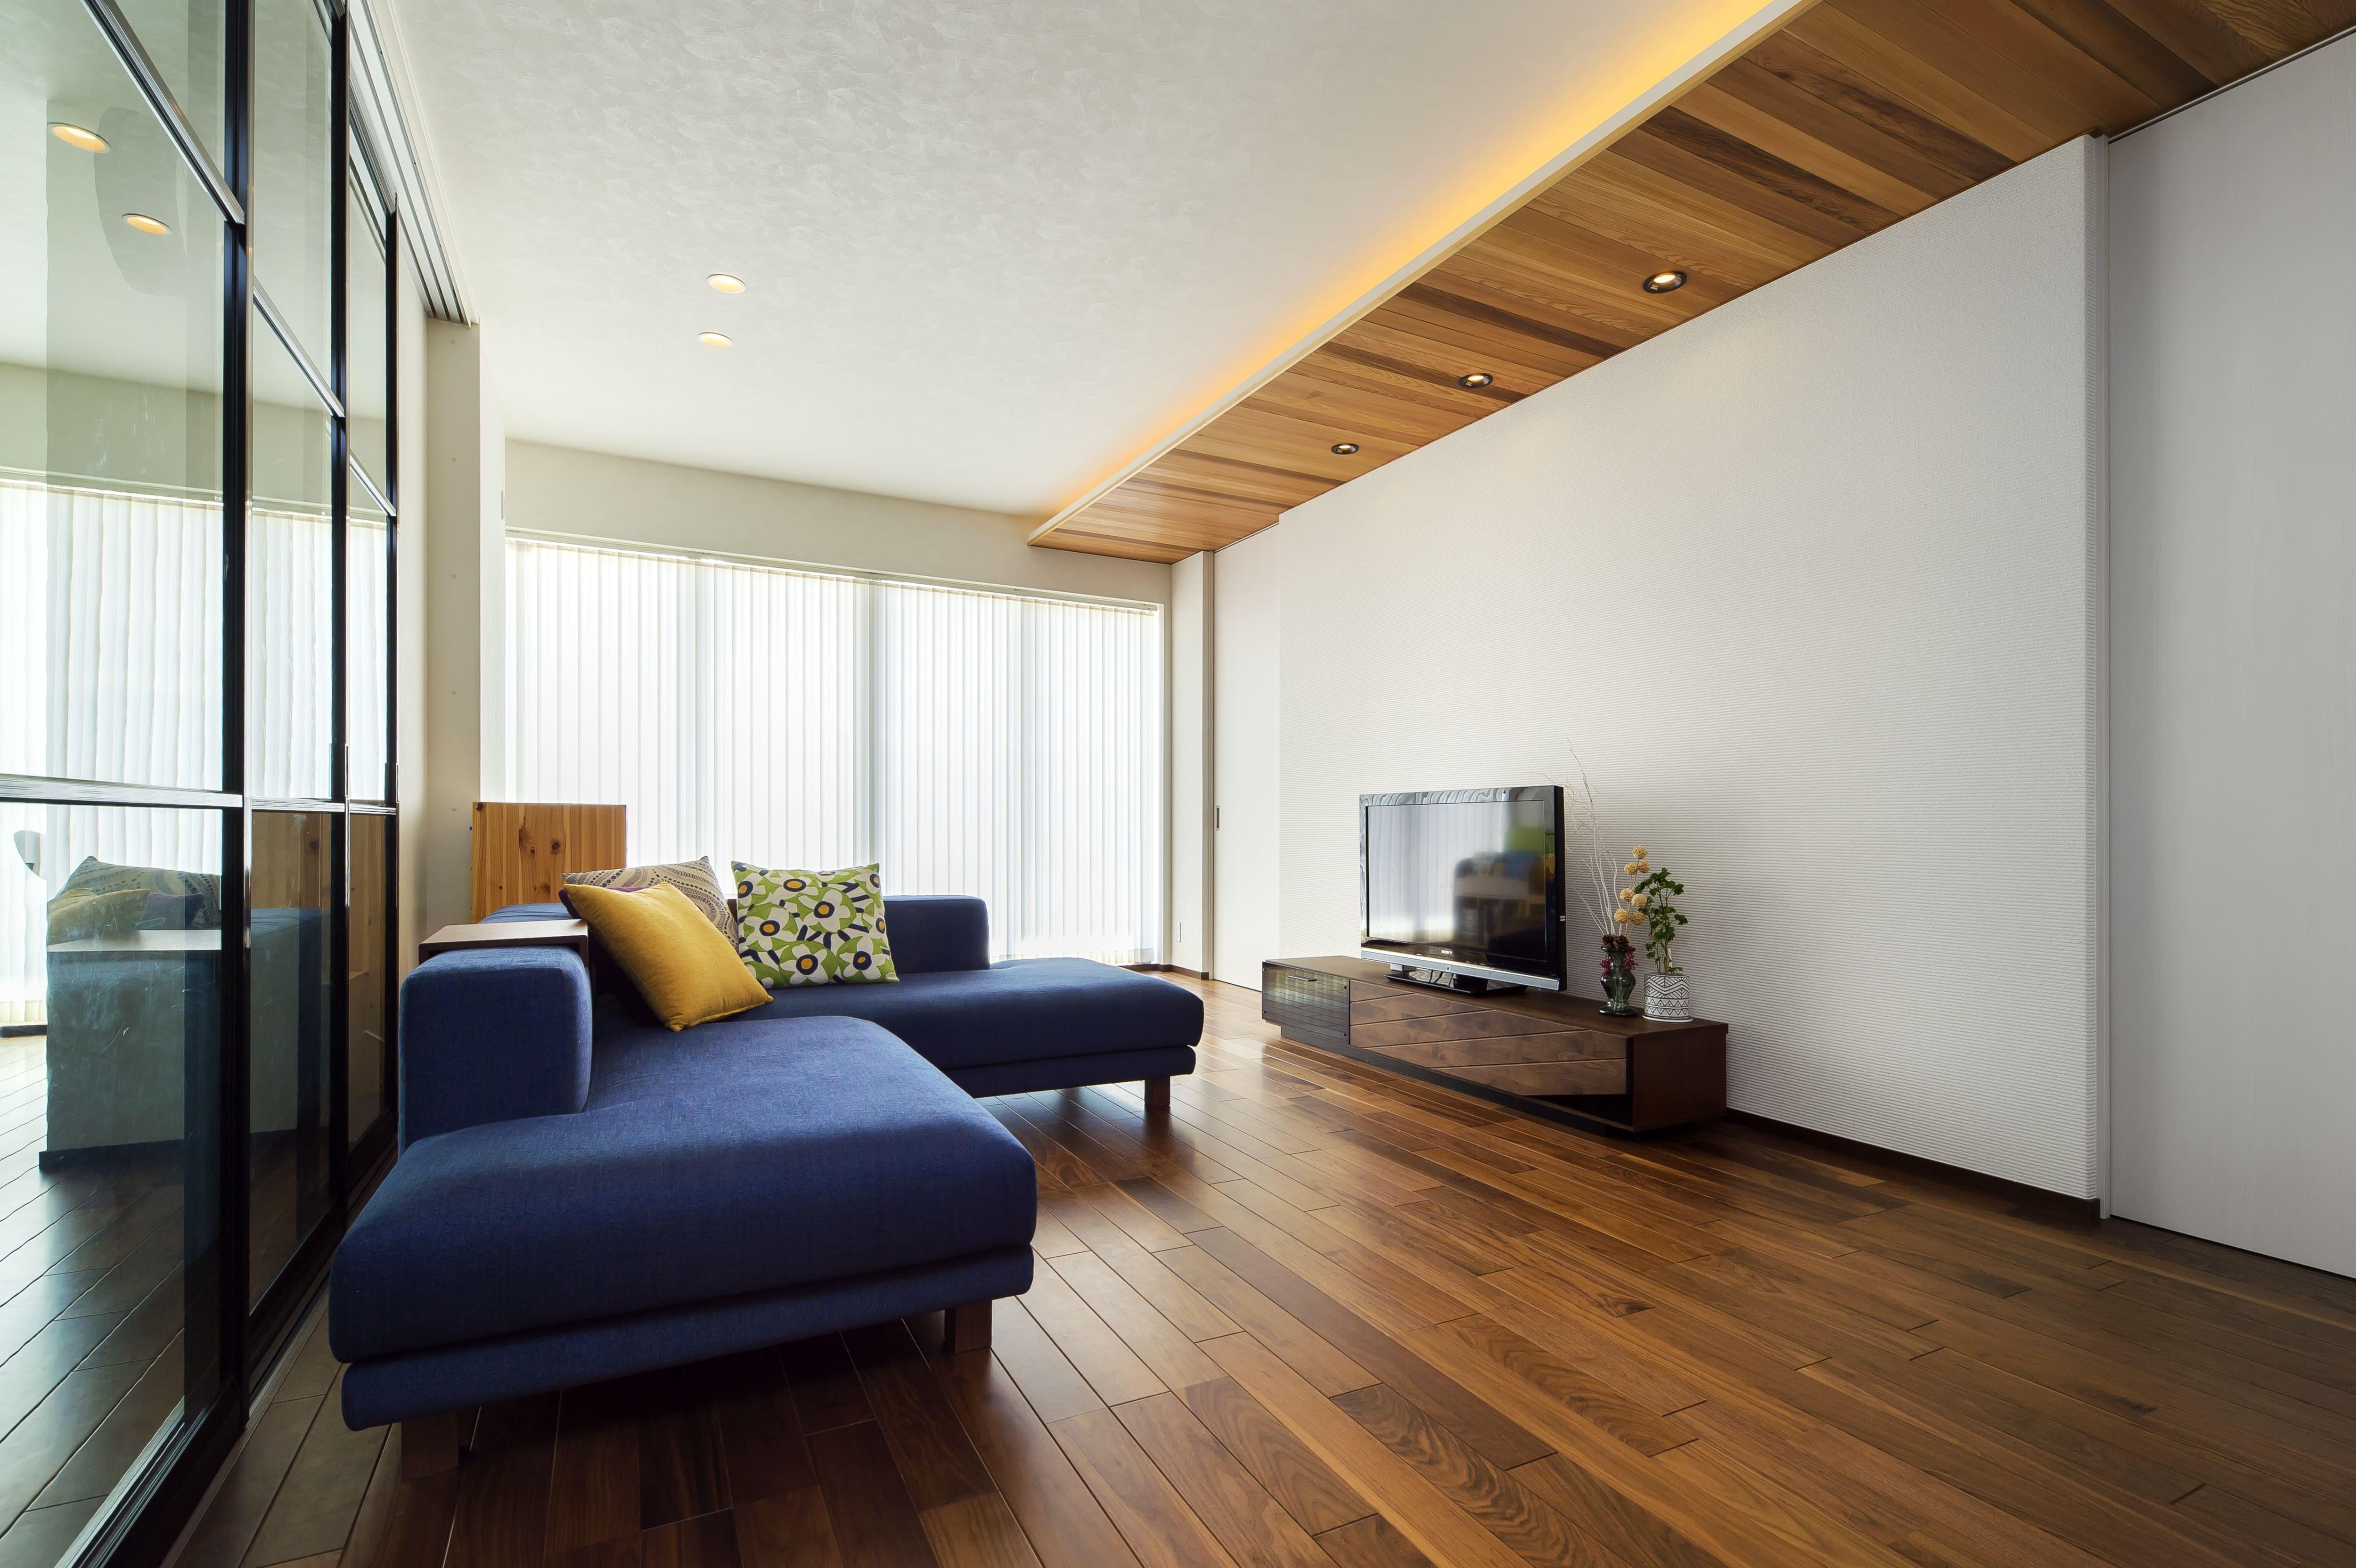 リビングダイニング事例:天井の折り下げ部分にレッドシダーを採用(キッチンを家の中心に配置。便利な家事動線と子供を常に見守れる間取りにリフォーム。)